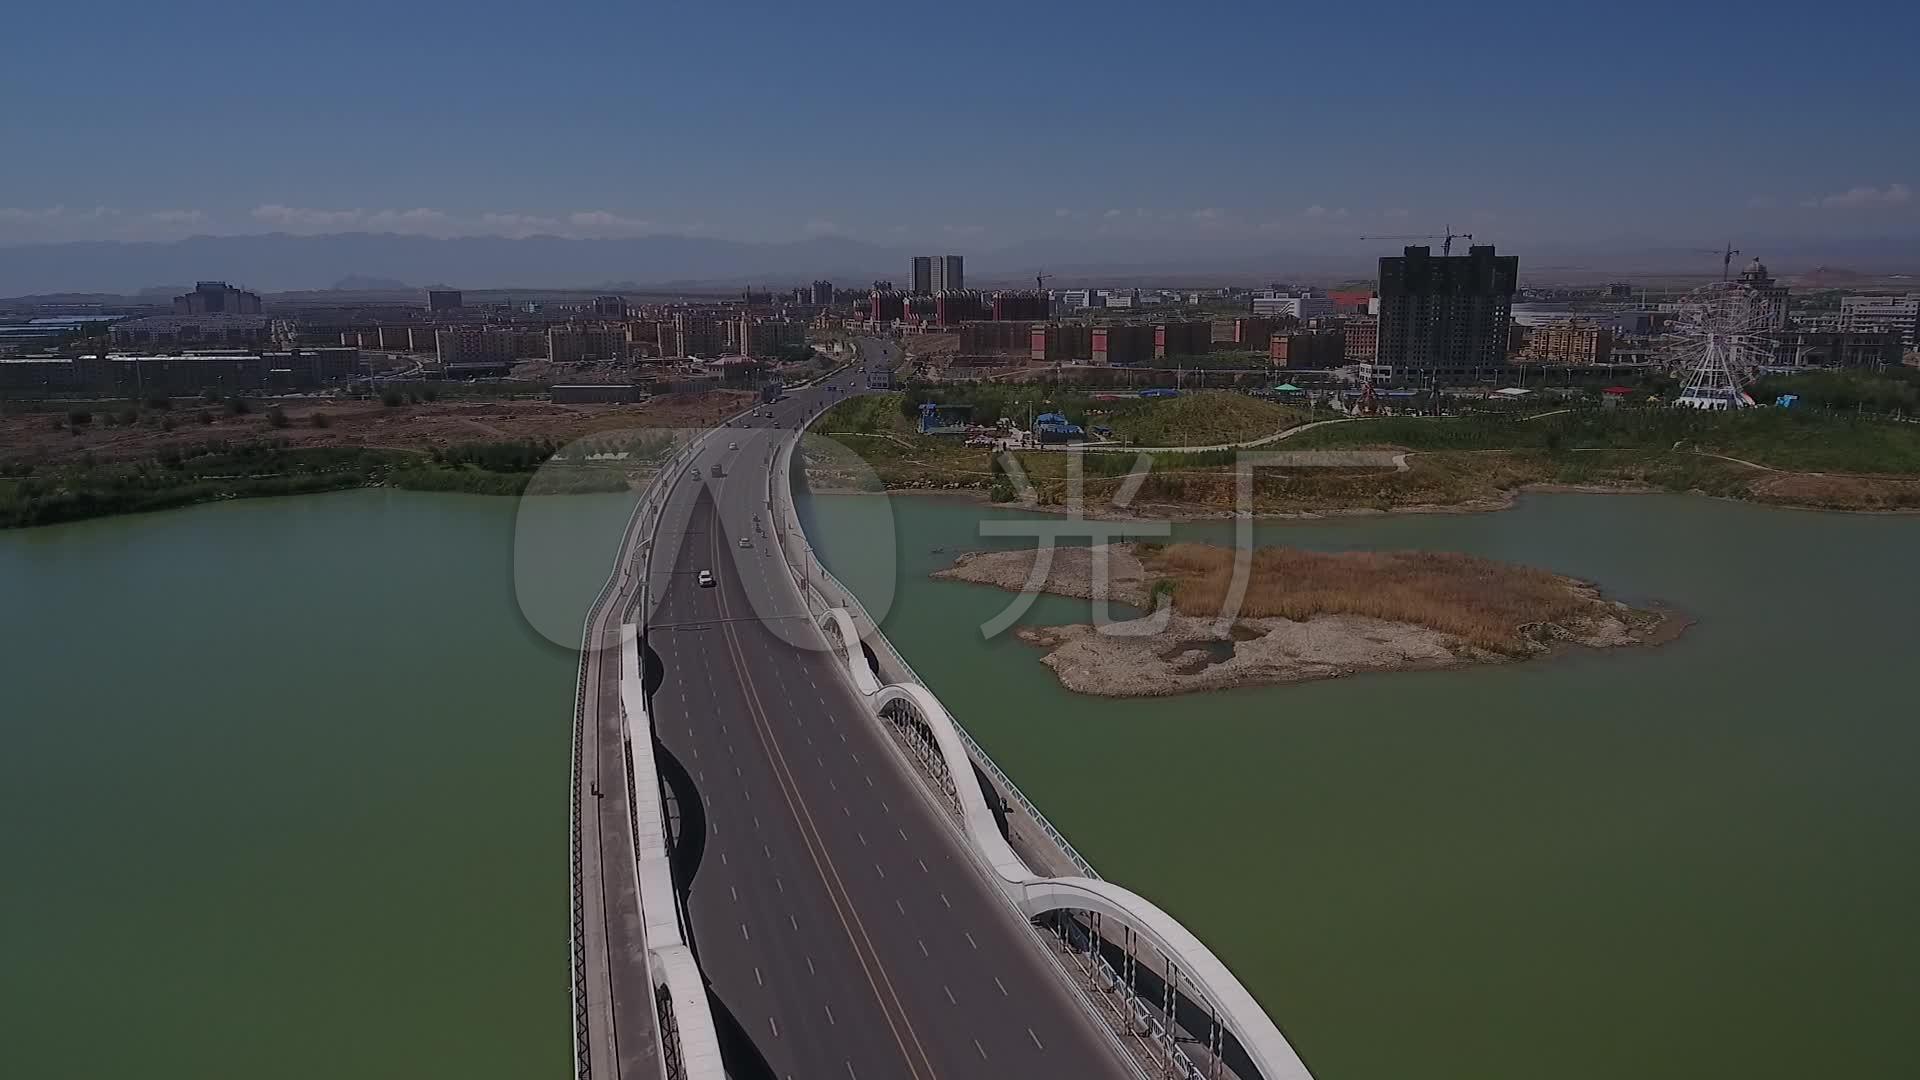 博乐市v高清_1920X1080_高清视频素材下载(编会议系统集成商视频图片